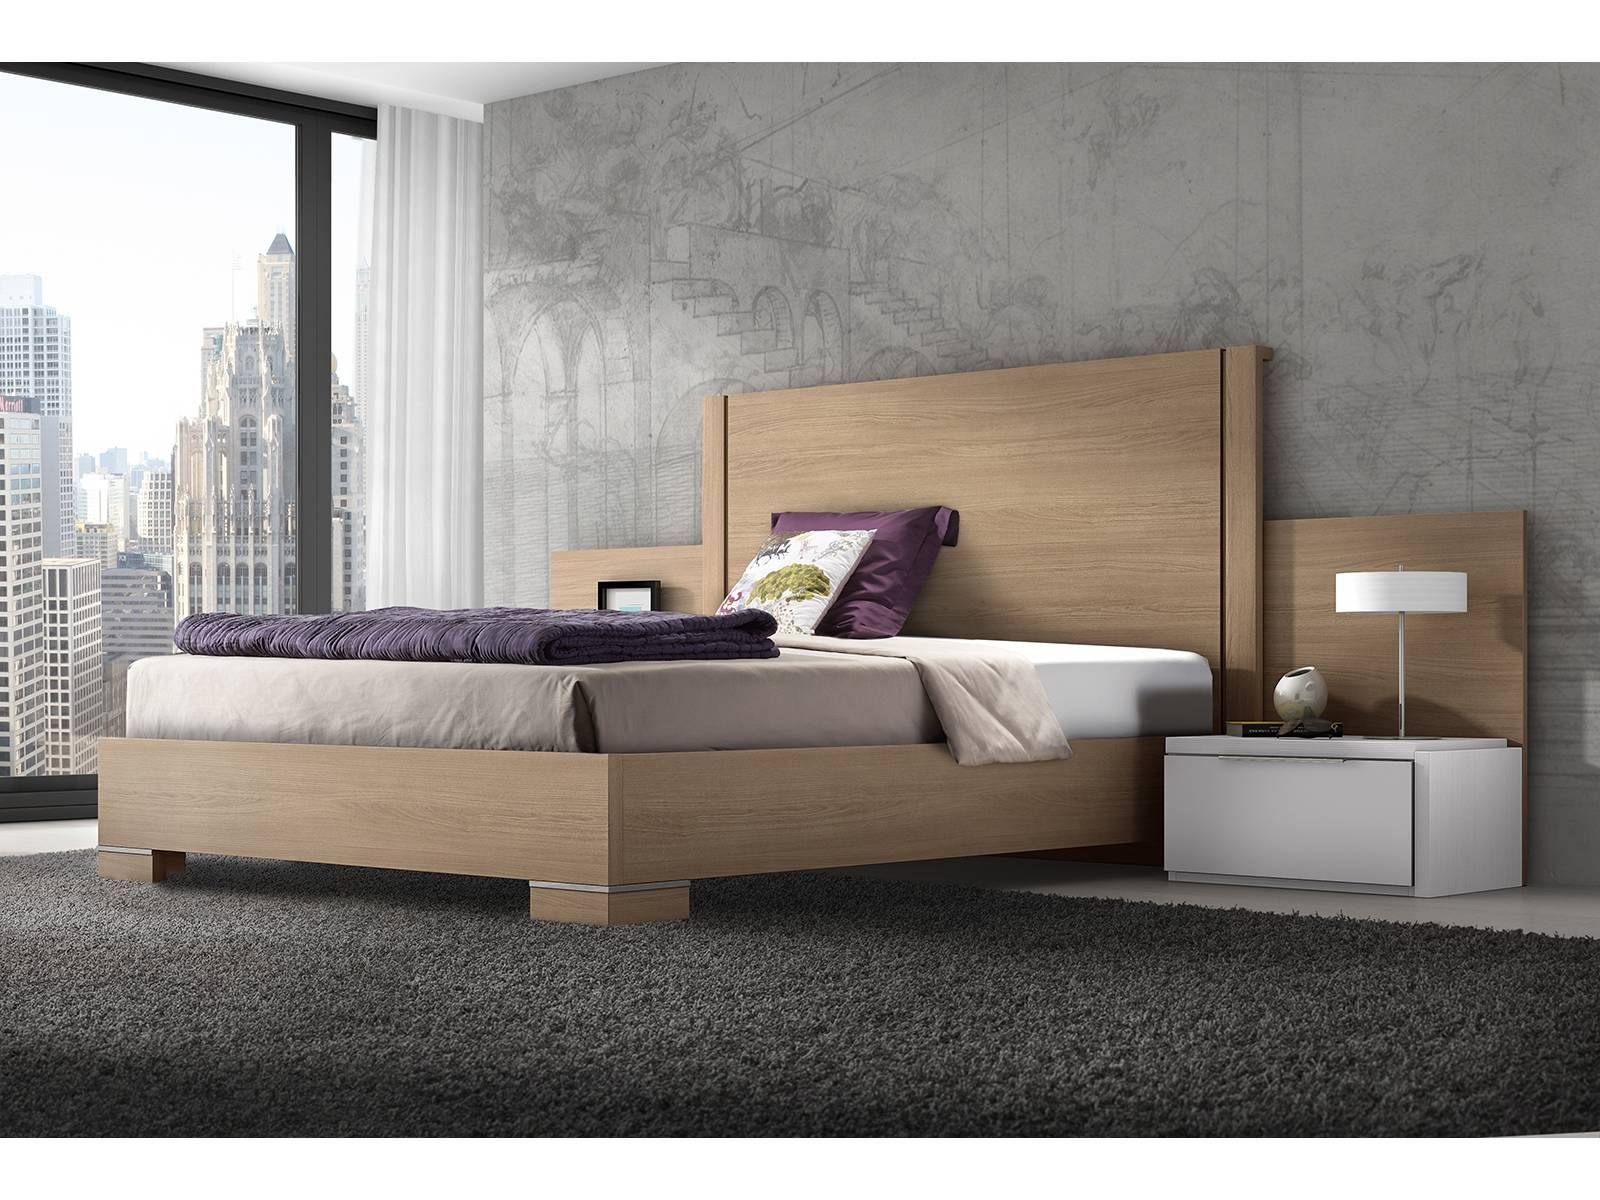 Dormitorio de matrimonio blanco acacia el dormitorio se - Somier cama matrimonio ...